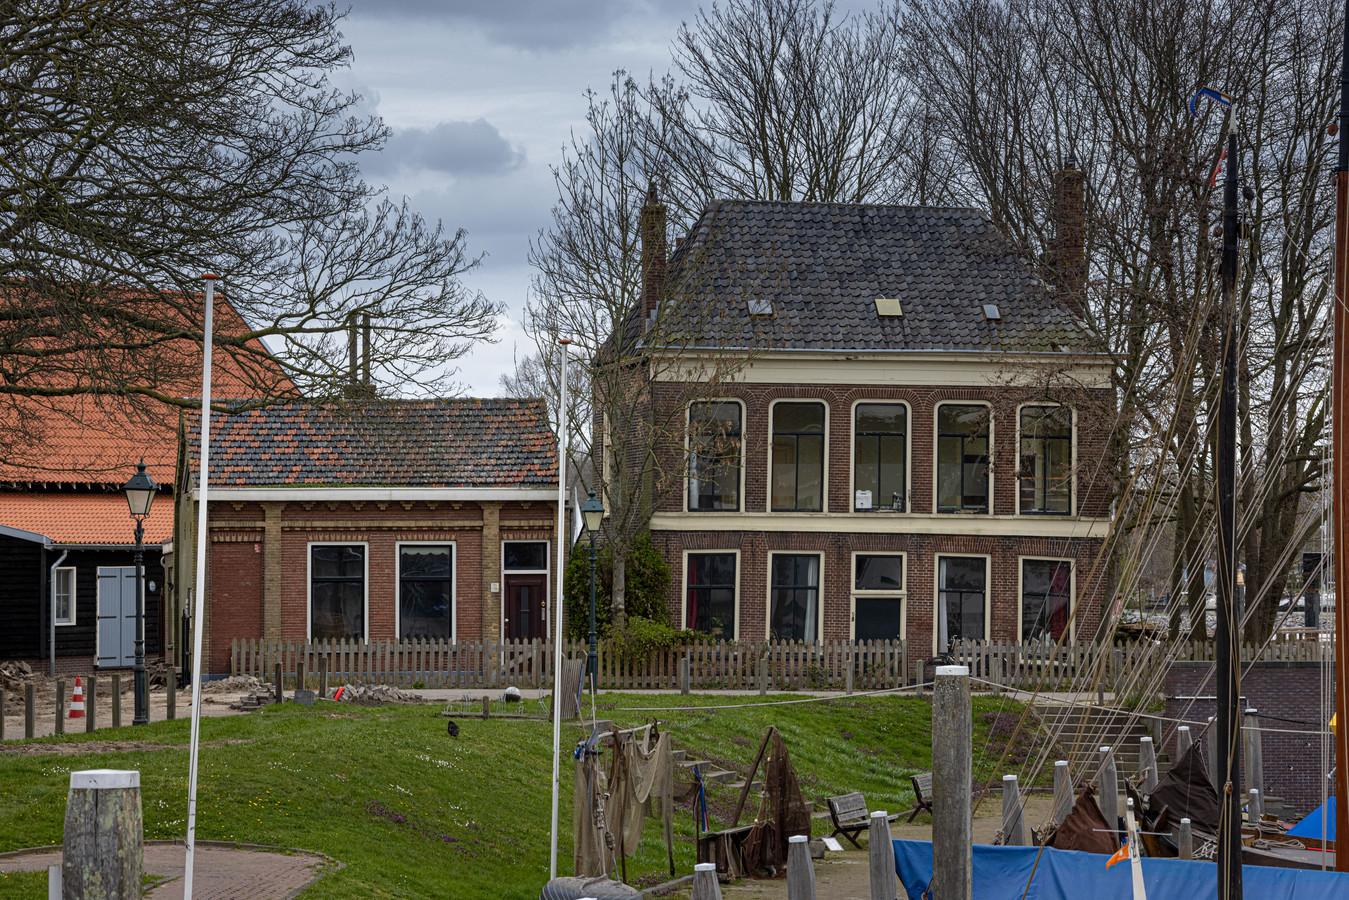 Slopen, restaureren en inrichten als horecapand? Ondanks dat deze twee panden aan de Havenweg al sinds begin 2019 te koop staan, schuift de gemeente Kampen een besluit erover vooruit totdat er een plan ligt voor de IJsselkogge en een eventueel museum.